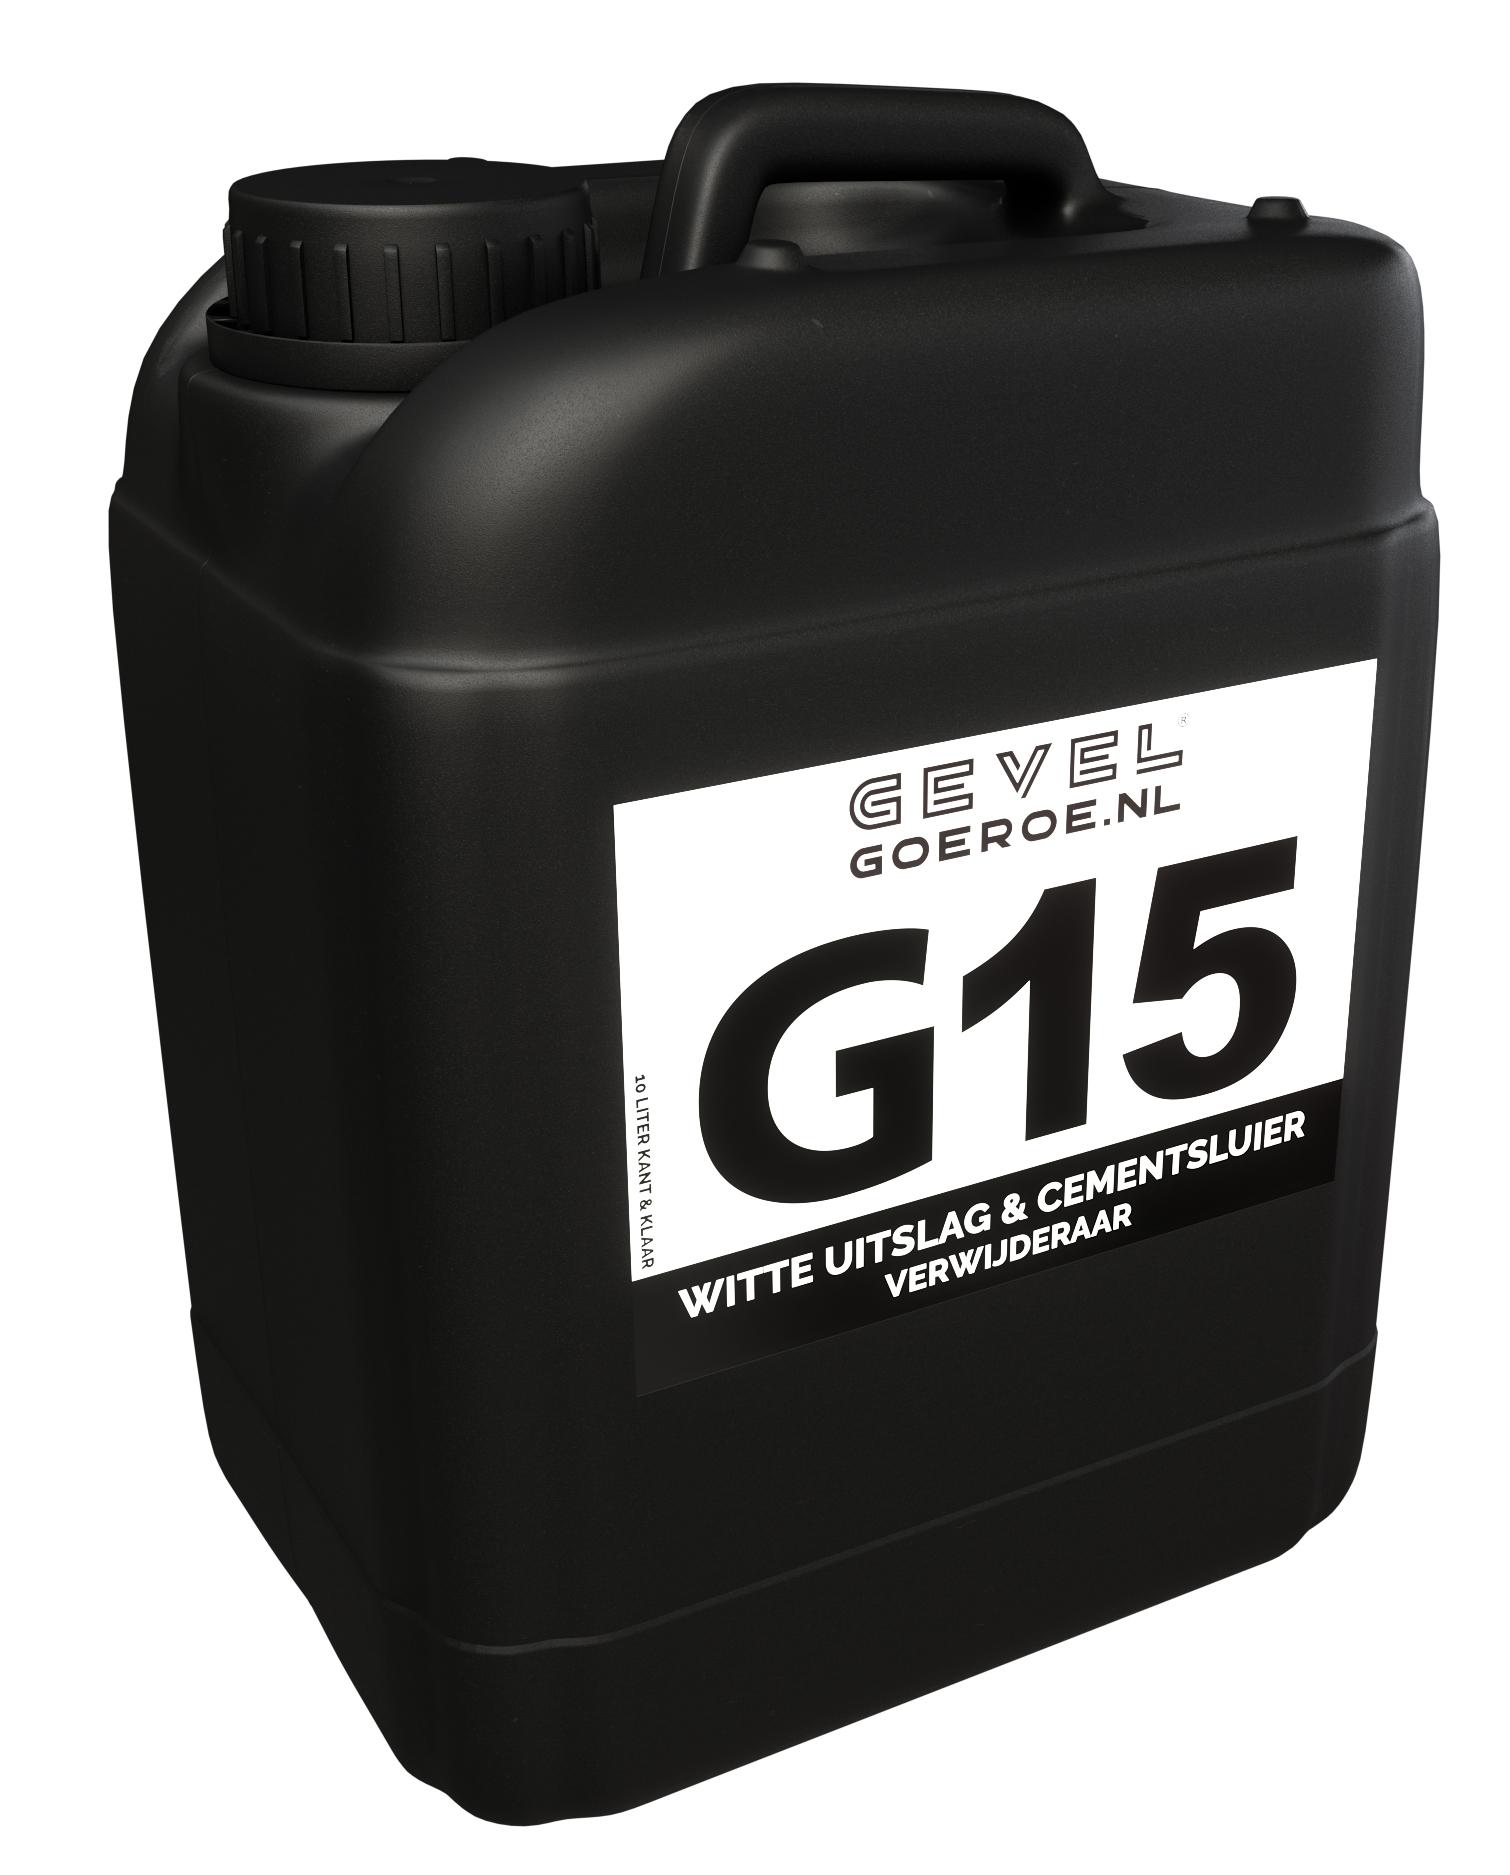 G15 Kalk- & Cementsluier Verwijderaar 10L